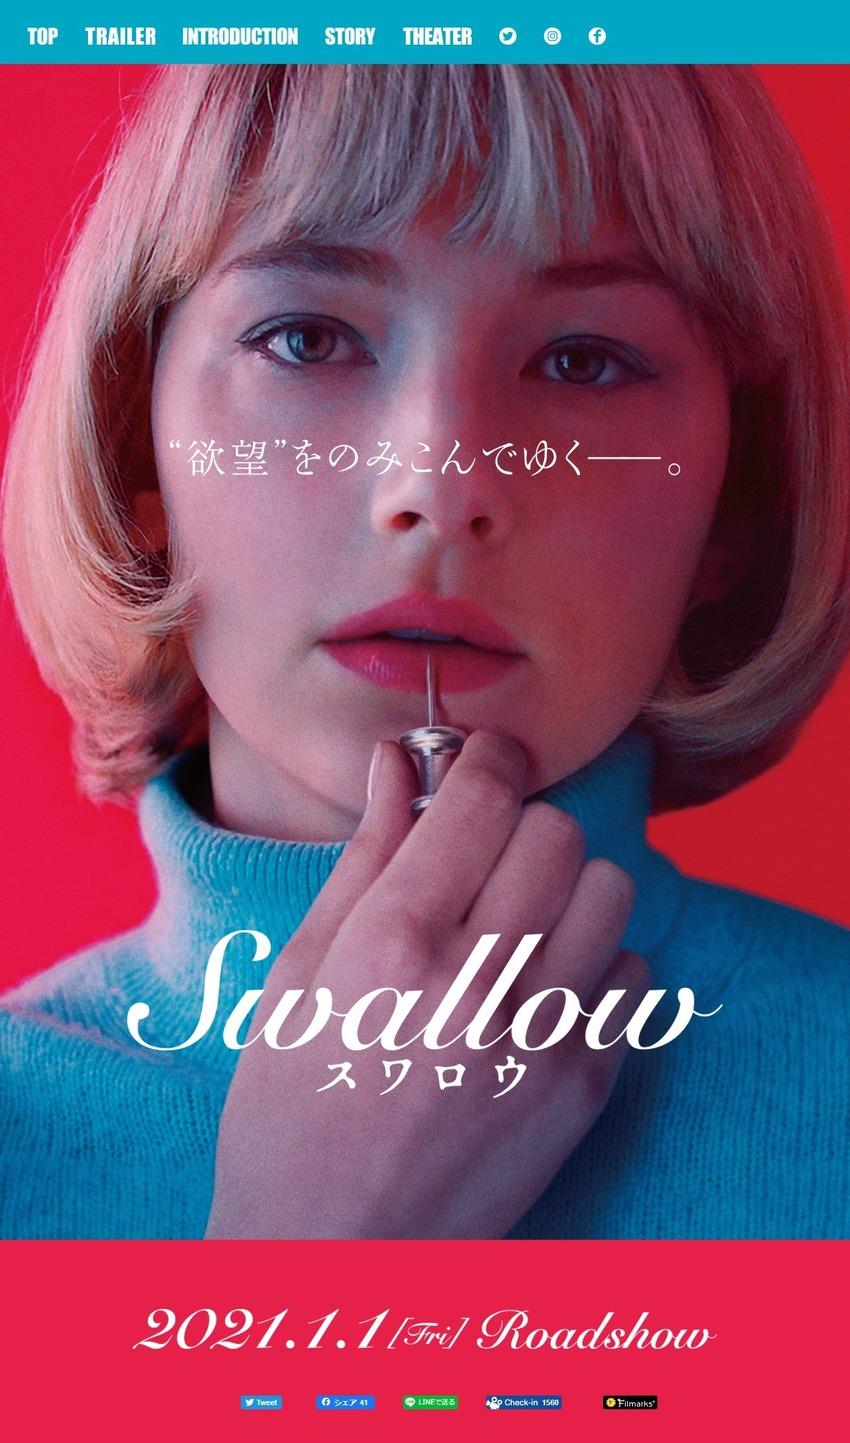 映画『Swallow/スワロウ』公式サイト 2021年1月1日公開